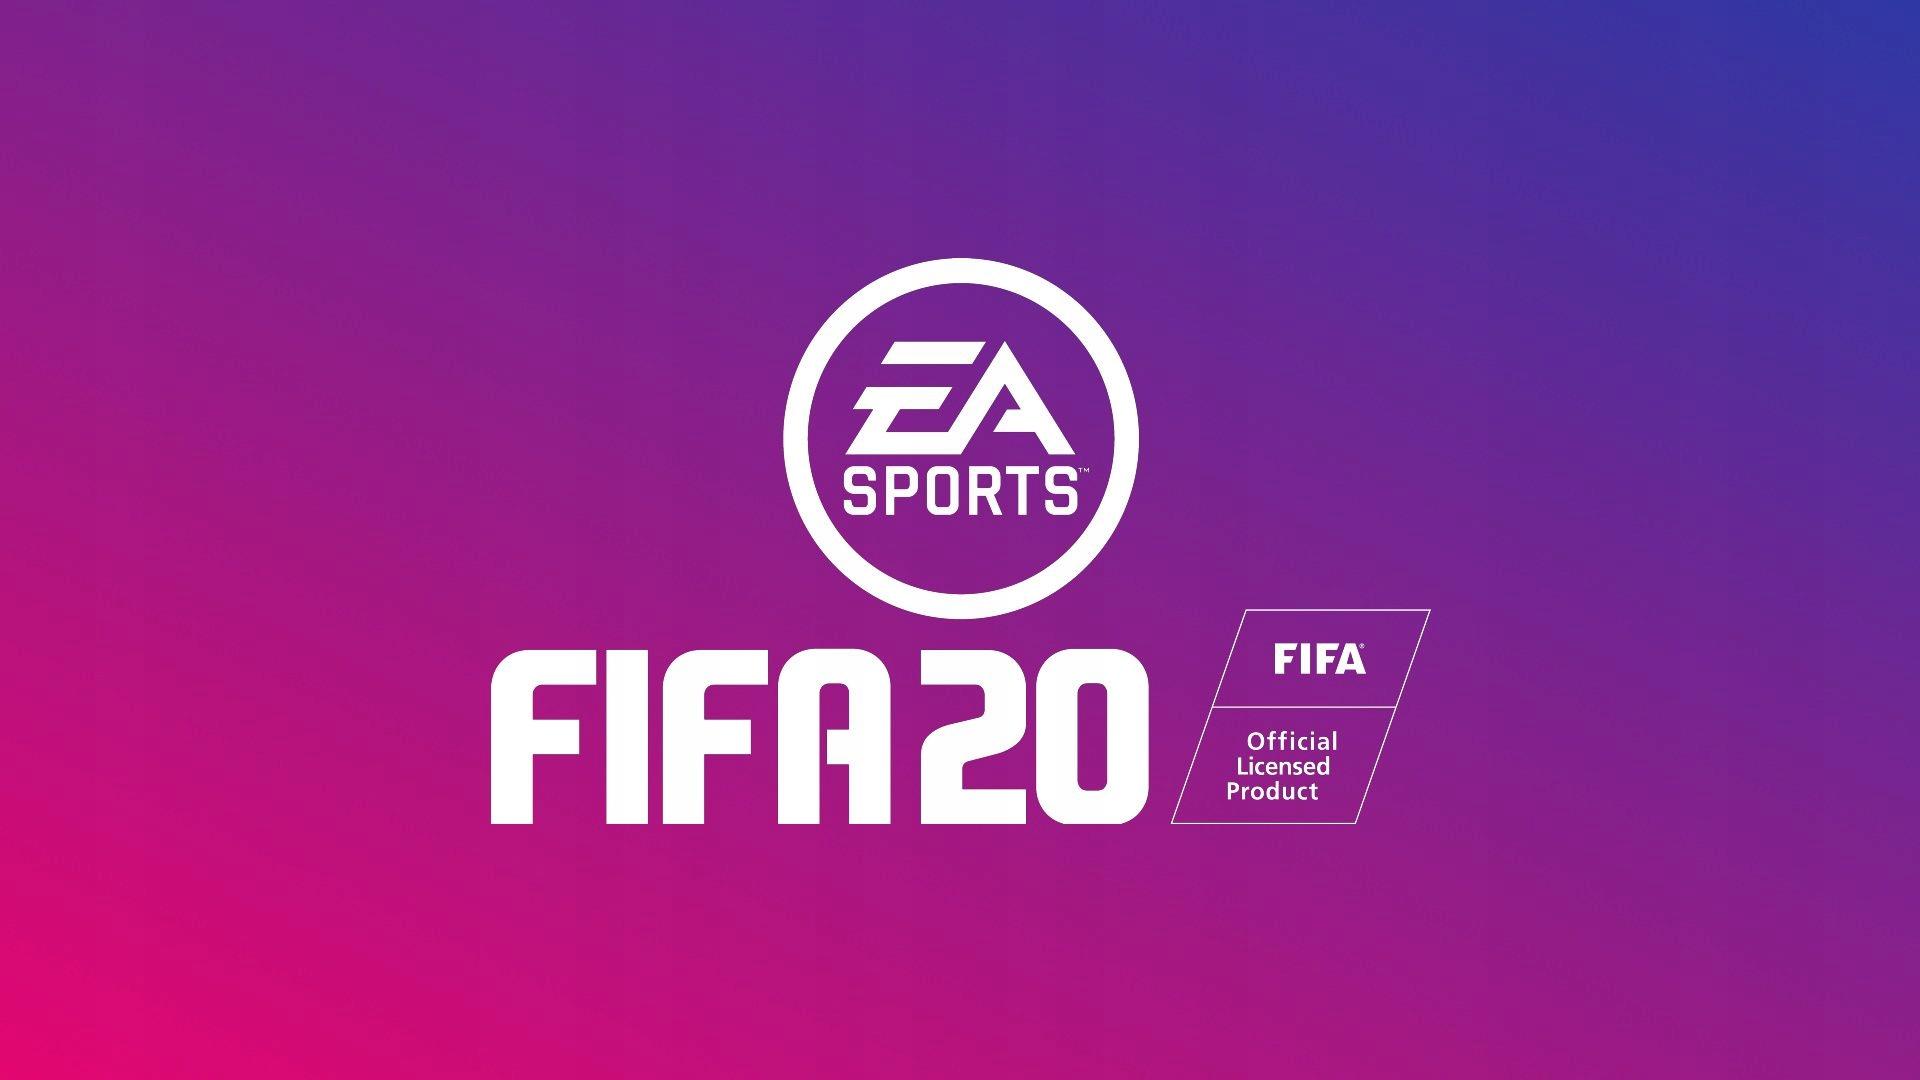 Ogromne wsparcie dla młodych talentów - znamy skład reprezentacji Polski w FIFA 20